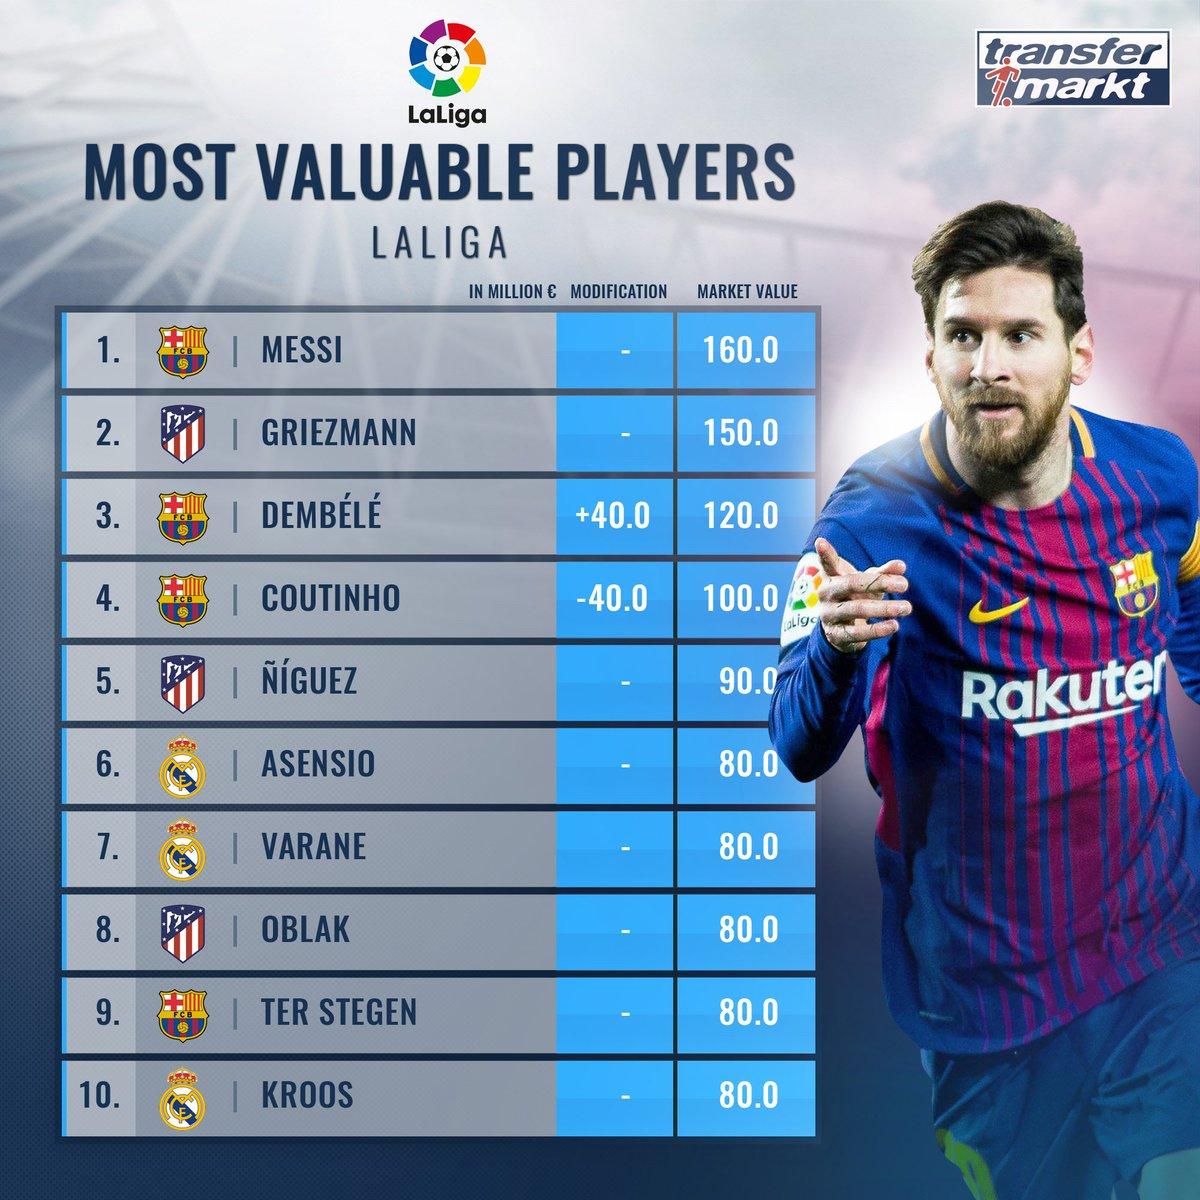 #Messi ancora il più prezioso 🥇💰 del campionato spagnolo - #Dembele supera #Coutinho, con #Oblak & #TerStegen due portieri nella top 10!   http://tm.de/s/dJ7